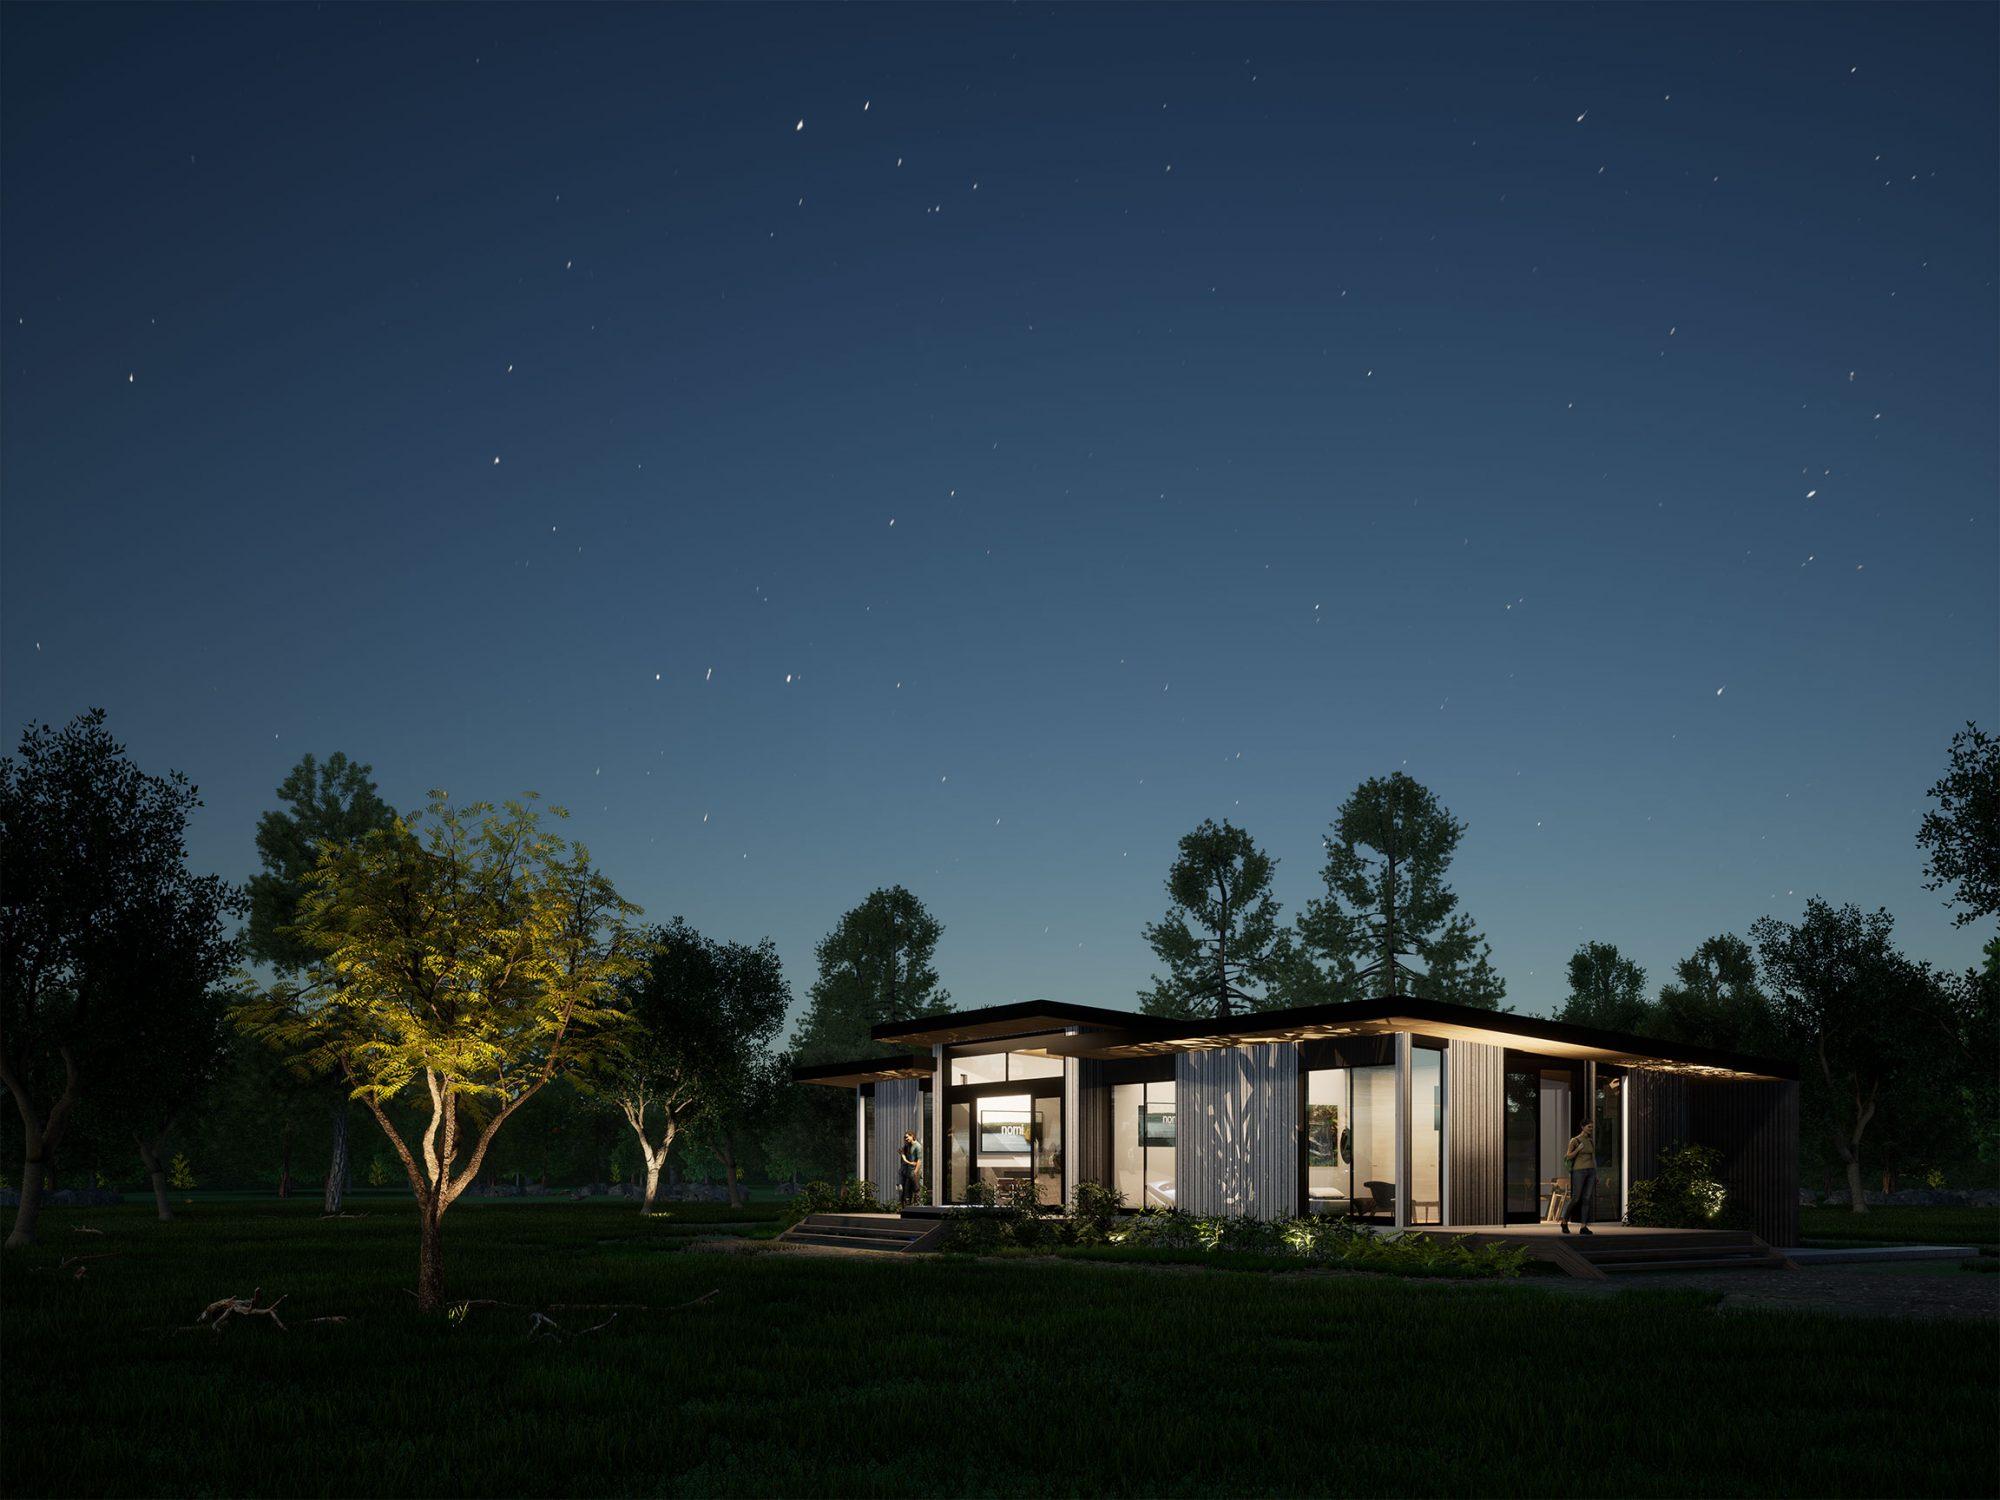 Roof-3---Night-(Extra)